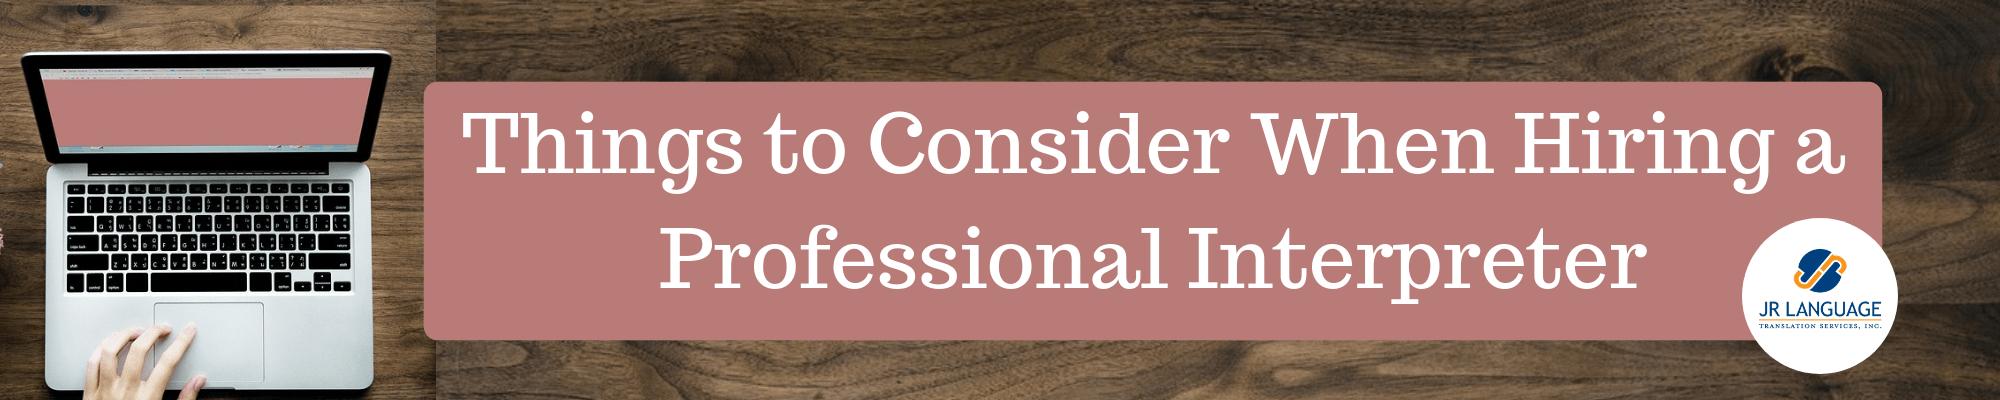 tips for hiring an interpreter